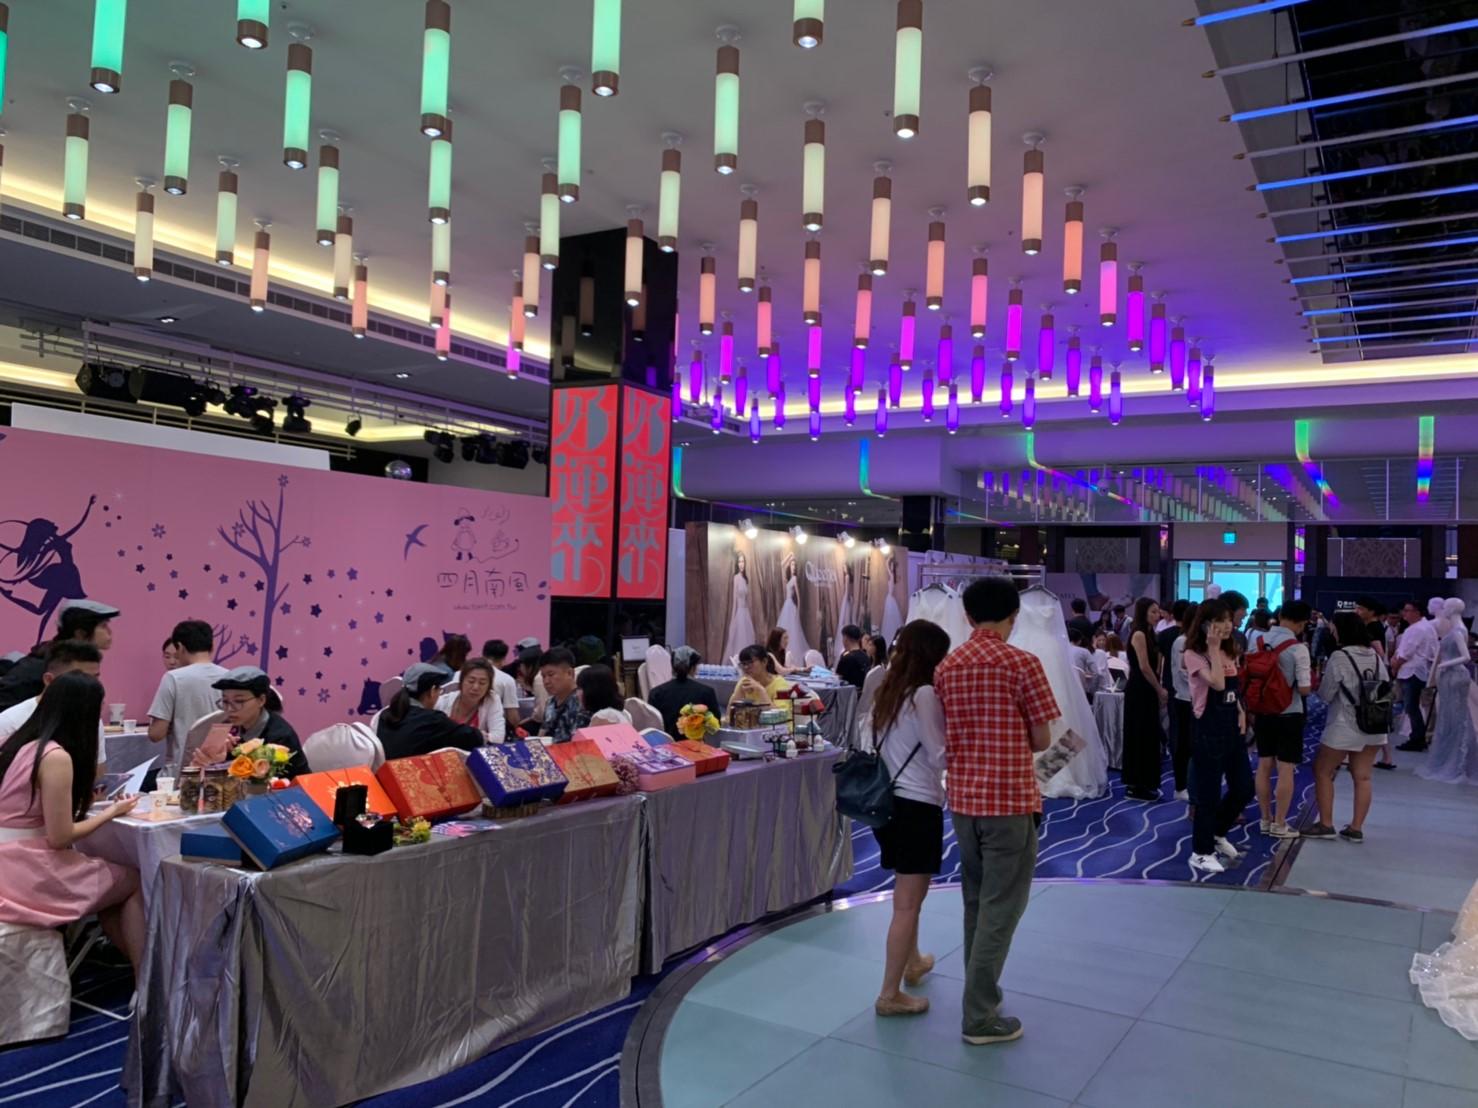 華人婚禮黃頁 20190629台中 婚博會 婚紗展 (4)